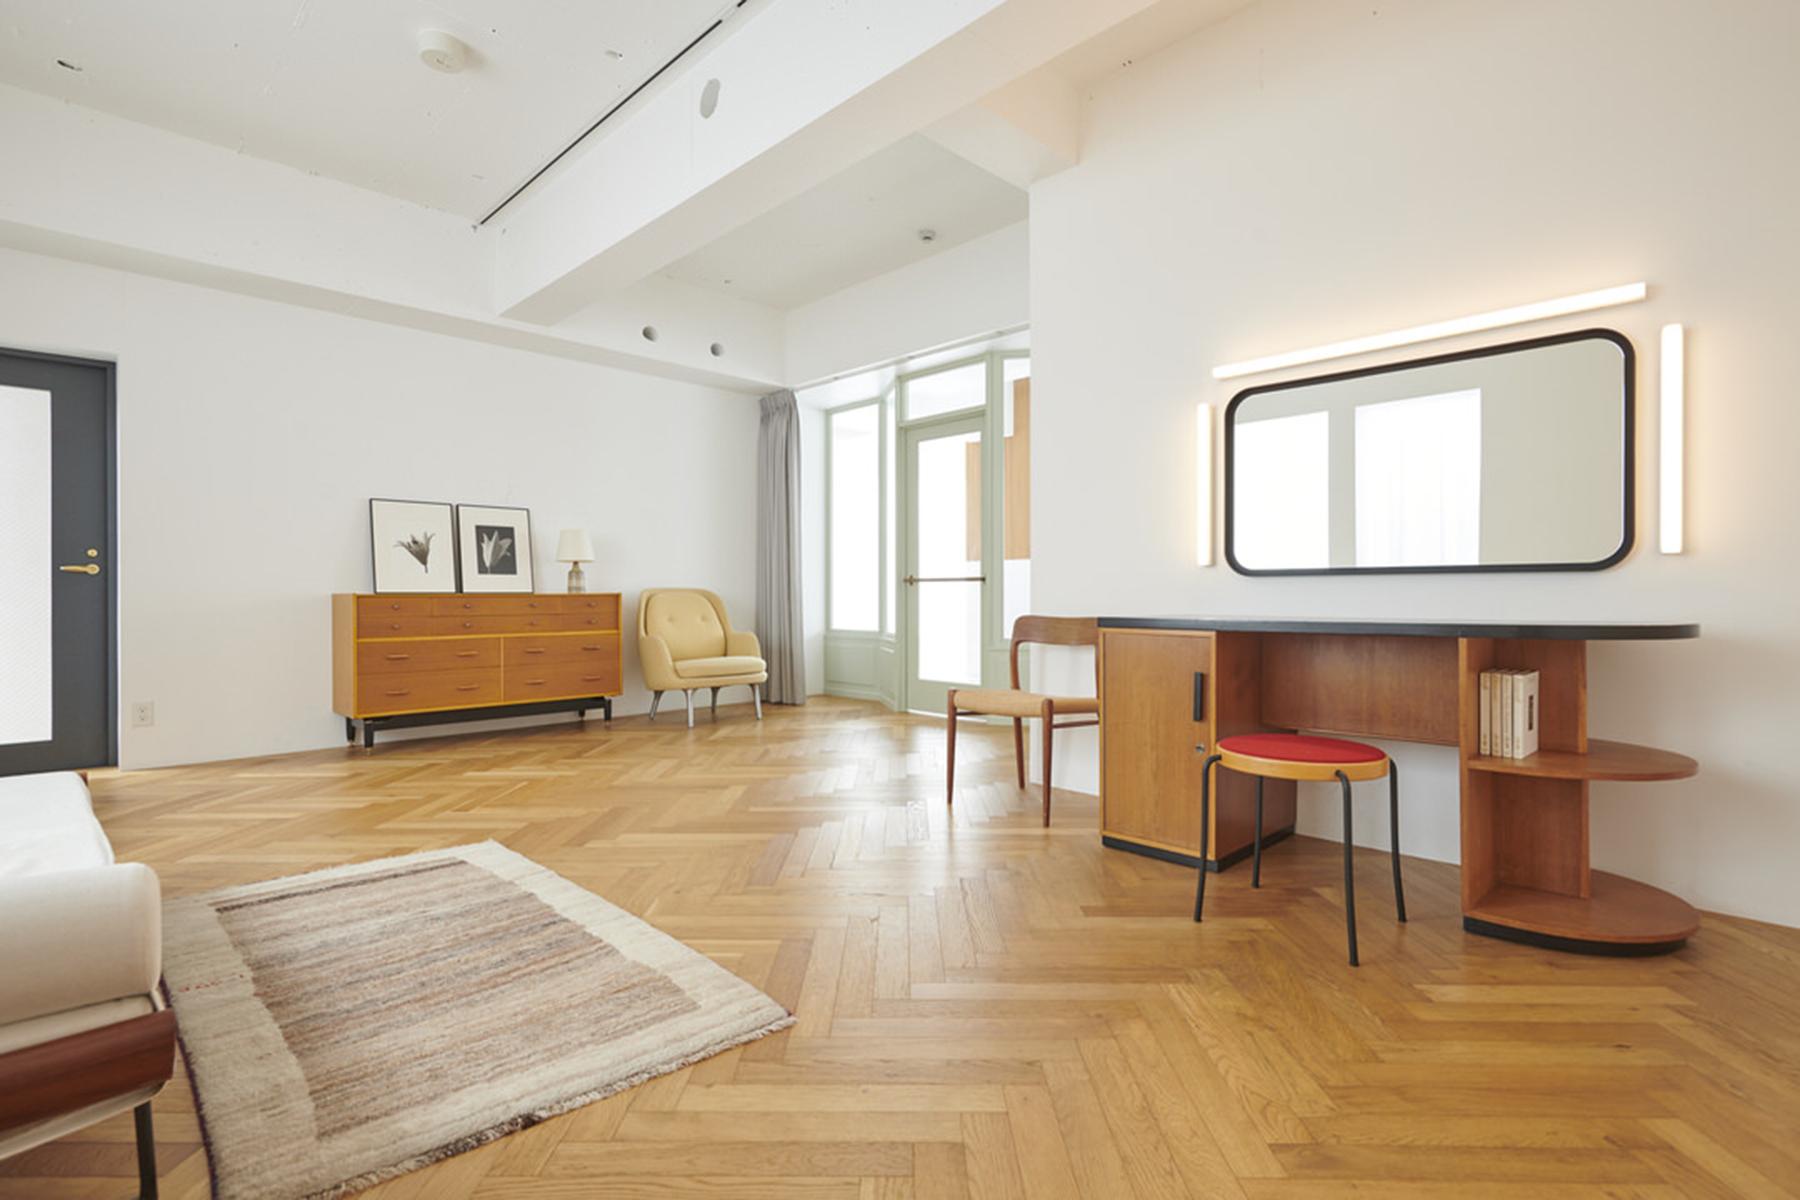 Haku Studio / Wヘリボーン張りの床